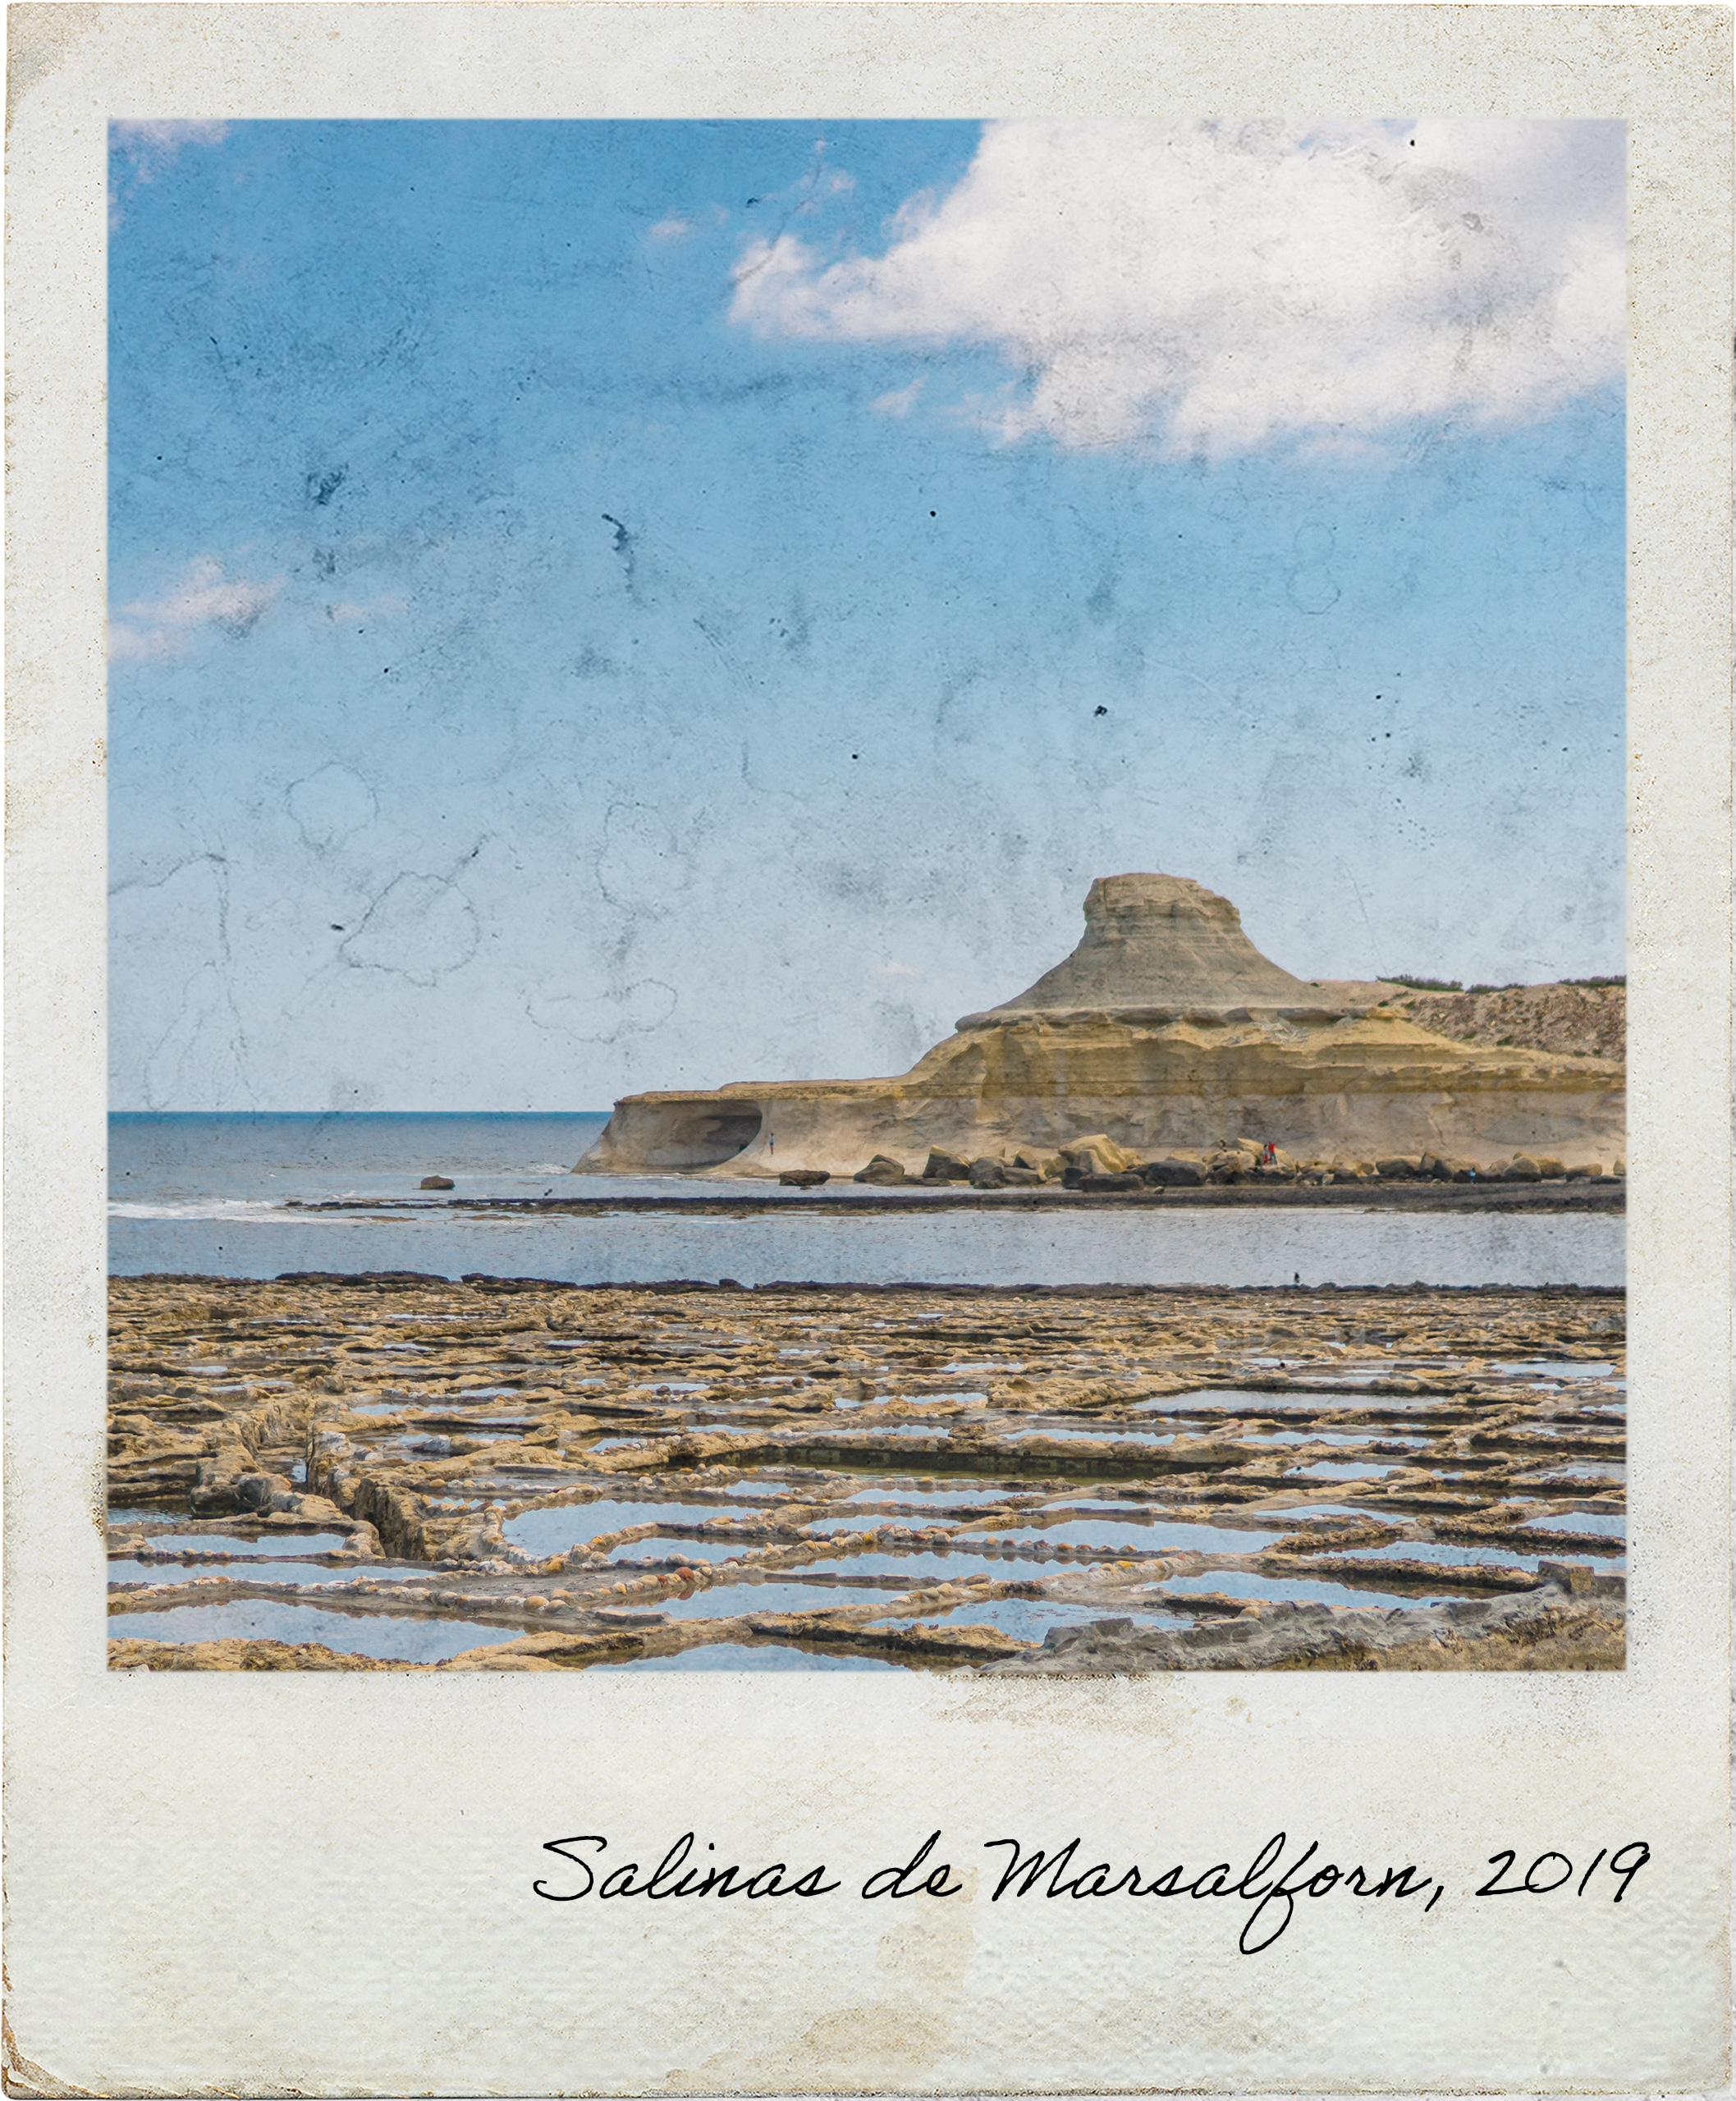 Salinas de Marsalforn junto ao mar